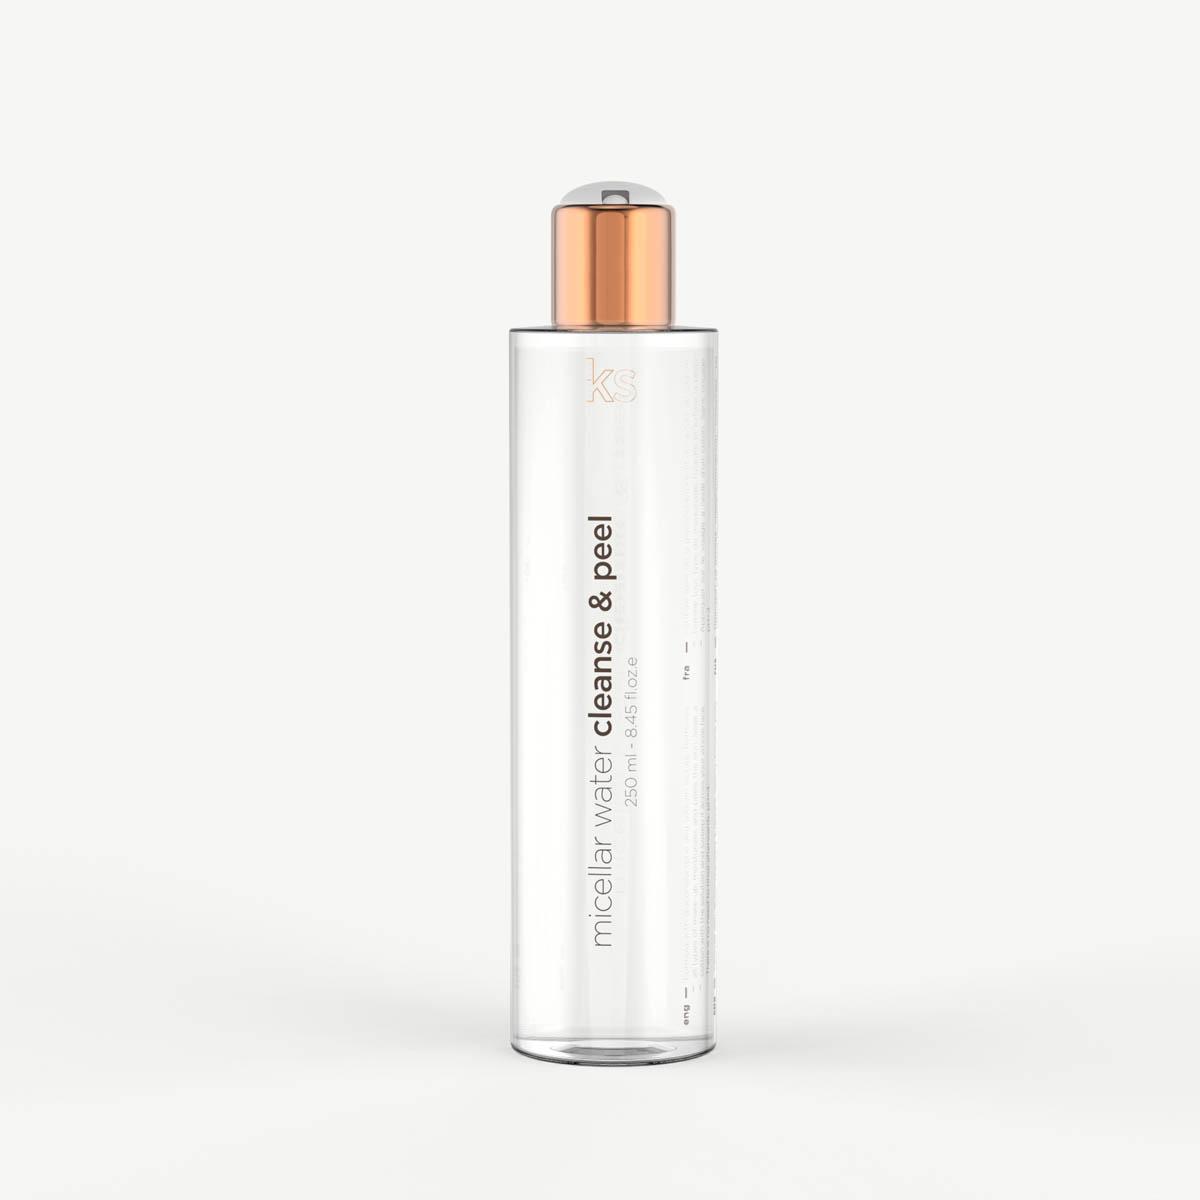 eKSeption micellair water cleanse & peel